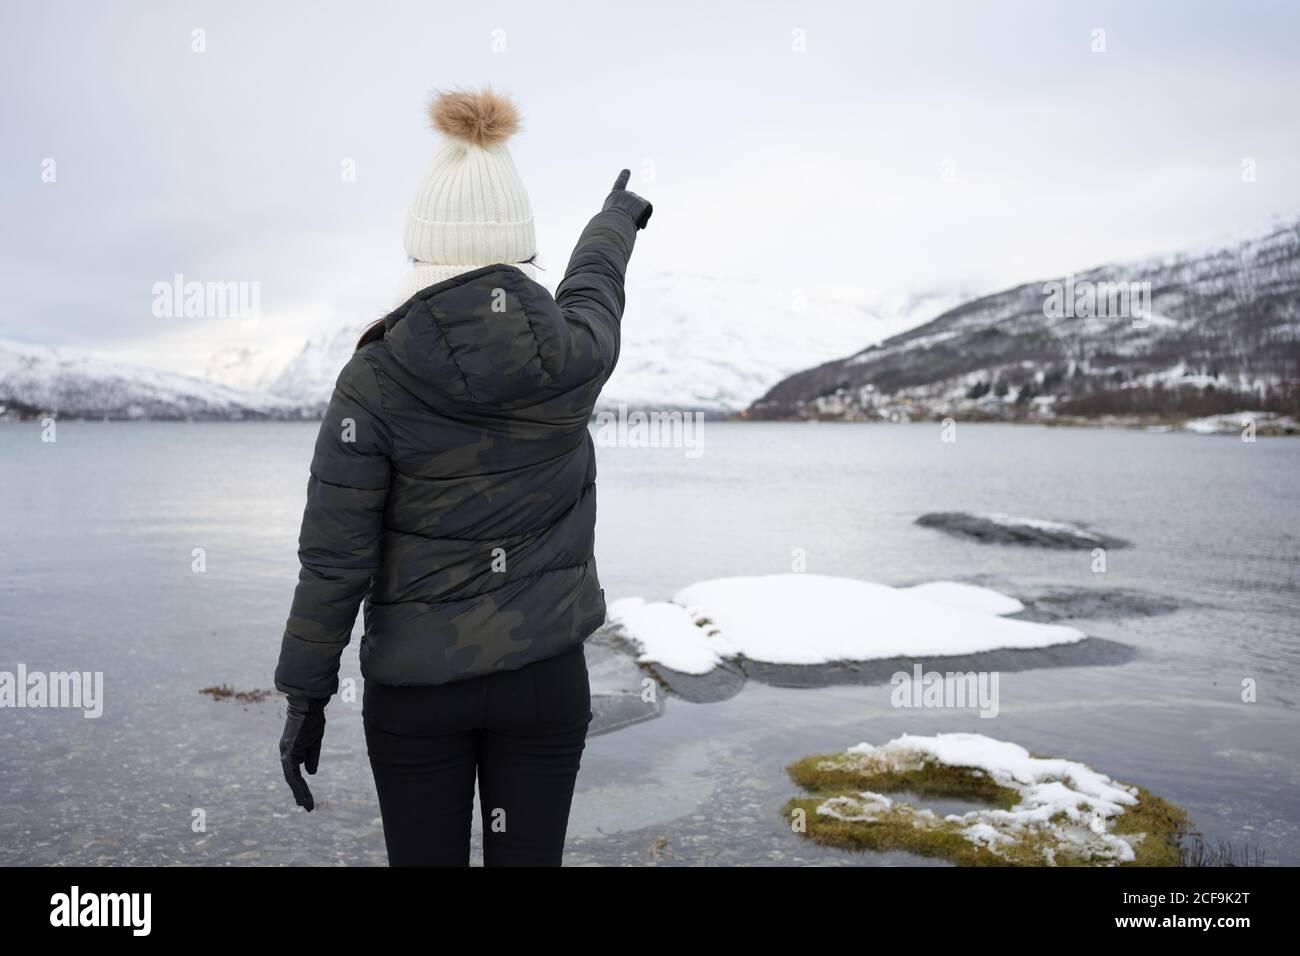 Rückansicht der anonymen Frau in warm Daunenjacke und hut zeigt mit dem Finger, während er am Strand gegen Weiß steht Und braune verschneite Hügel und ruhiges kühles Wasser des Kaldfjords see in Norwegen Stockfoto